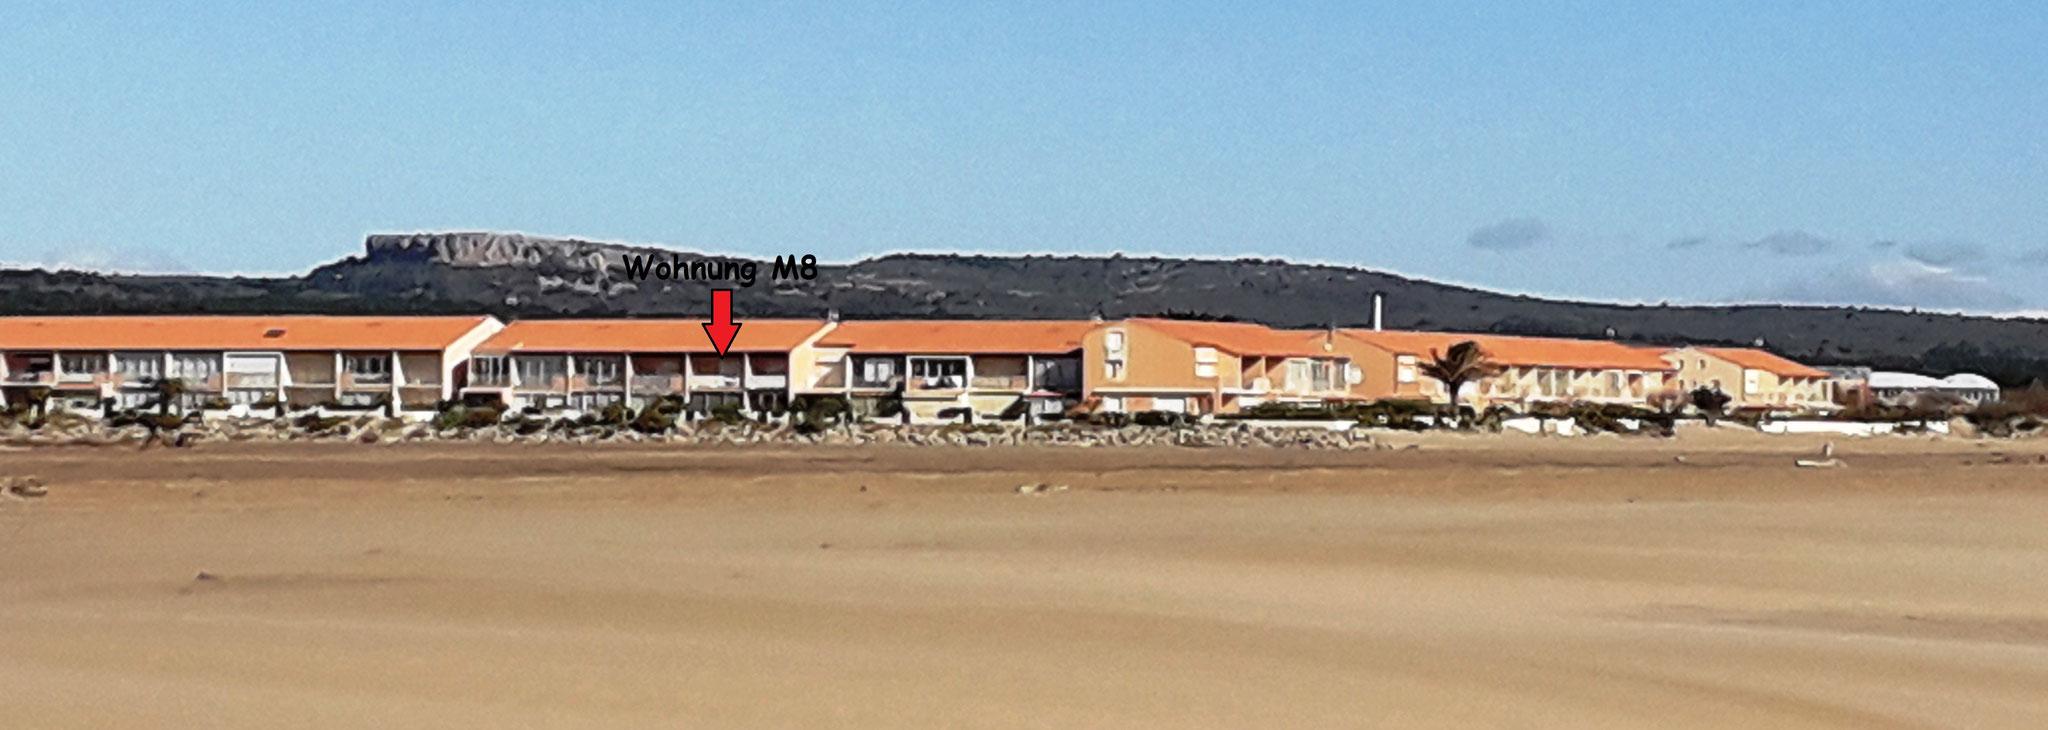 Localisation de l'appartement M8 sur la plage